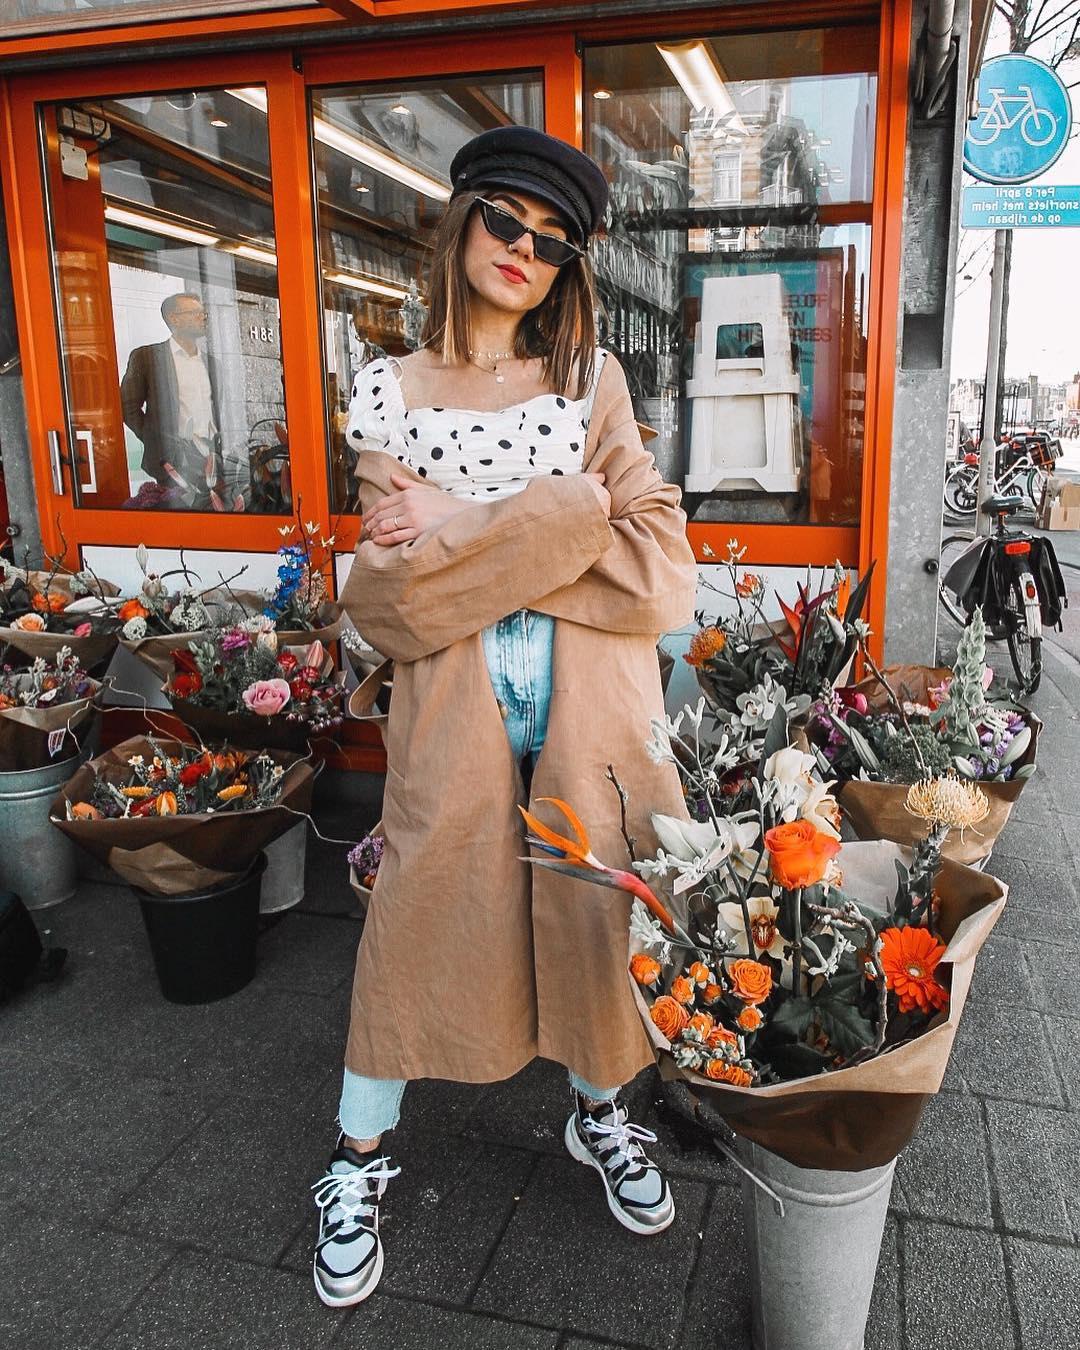 polka dot cropped top de Zara sur amparocamo